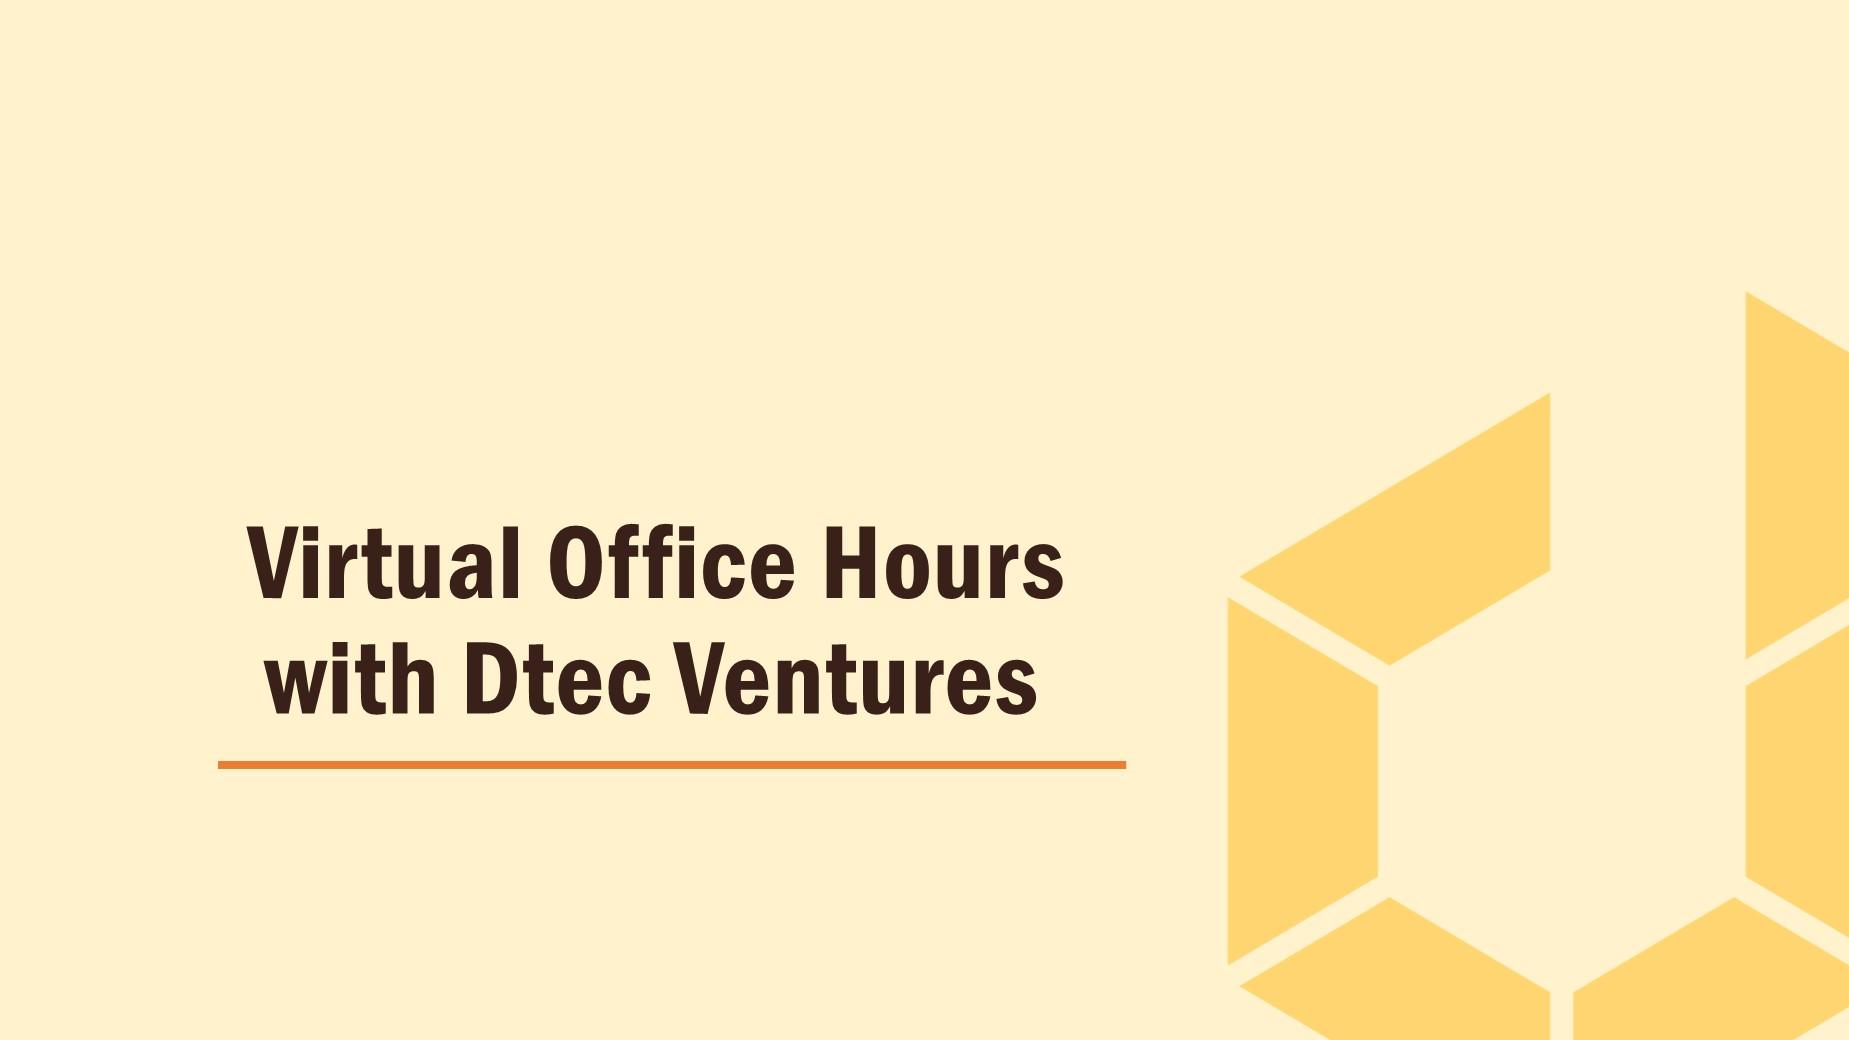 Dtec Ventures office hours